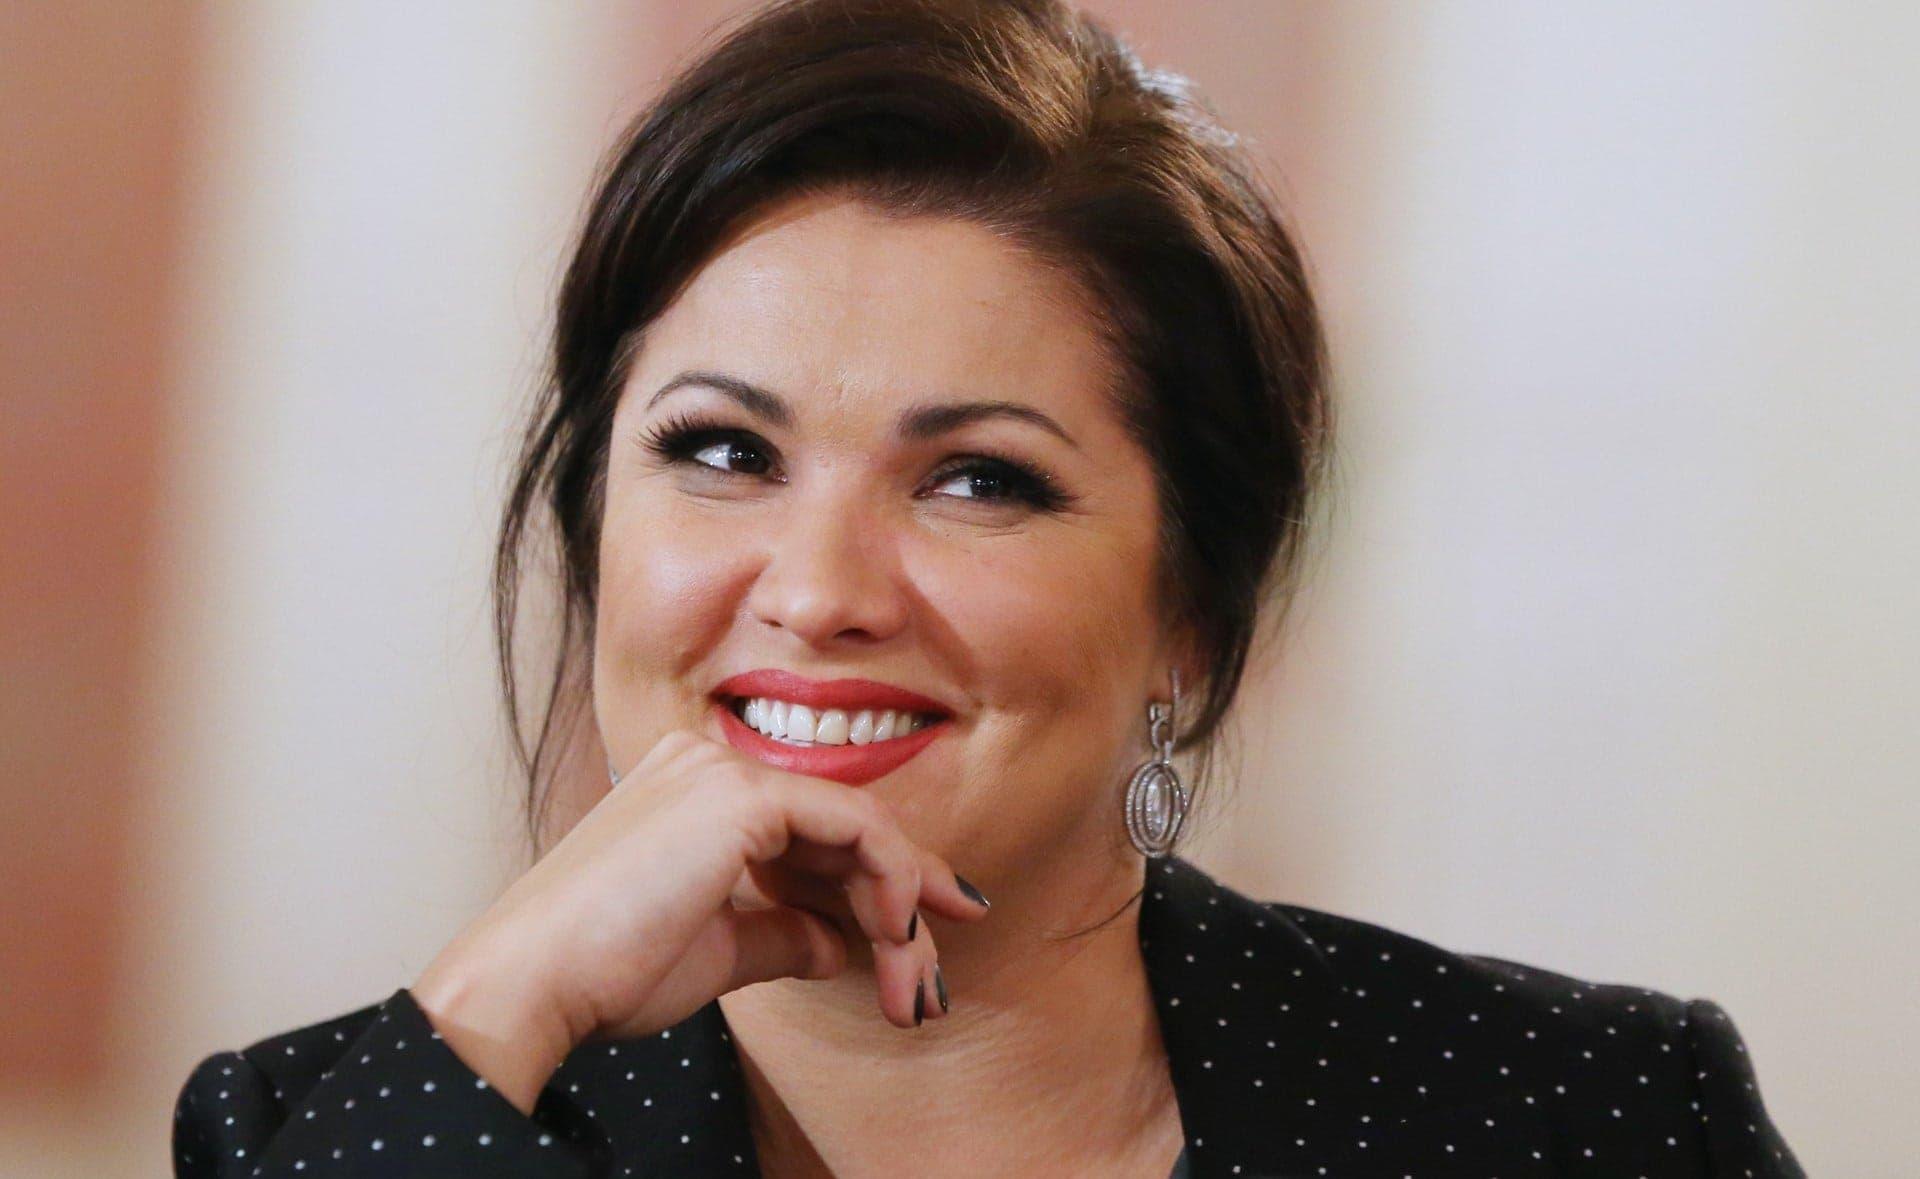 Анна Нетребко резко ответила на вопрос о похудении